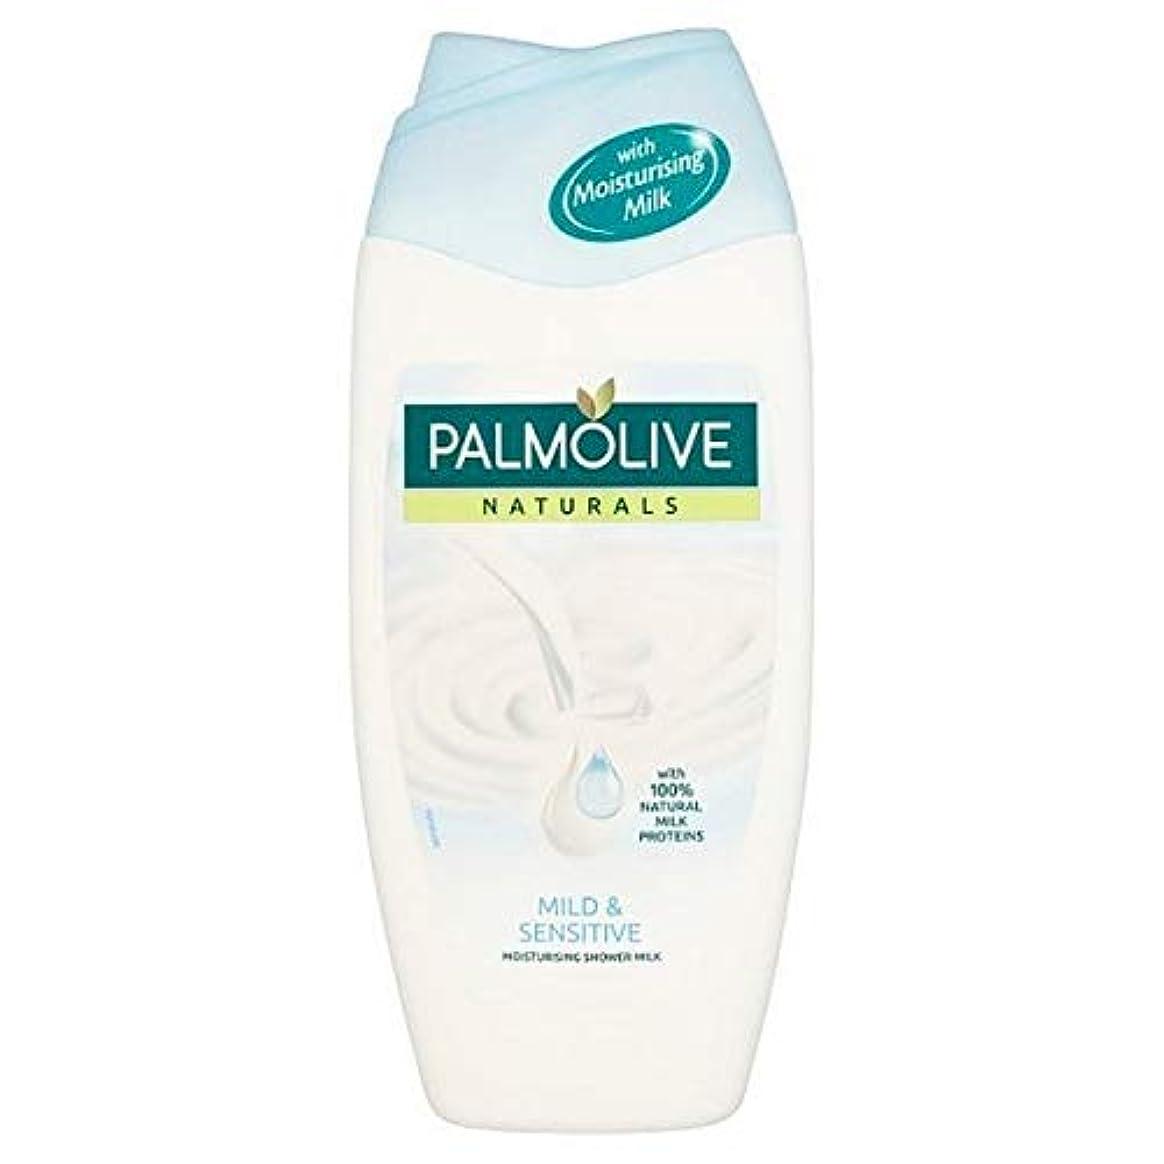 夢リル退院[Palmolive ] パルモライブナチュラル敏感肌シャワージェルクリーム250ミリリットル - Palmolive Naturals Sensitive Skin Shower Gel Cream 250ml [並行輸入品]